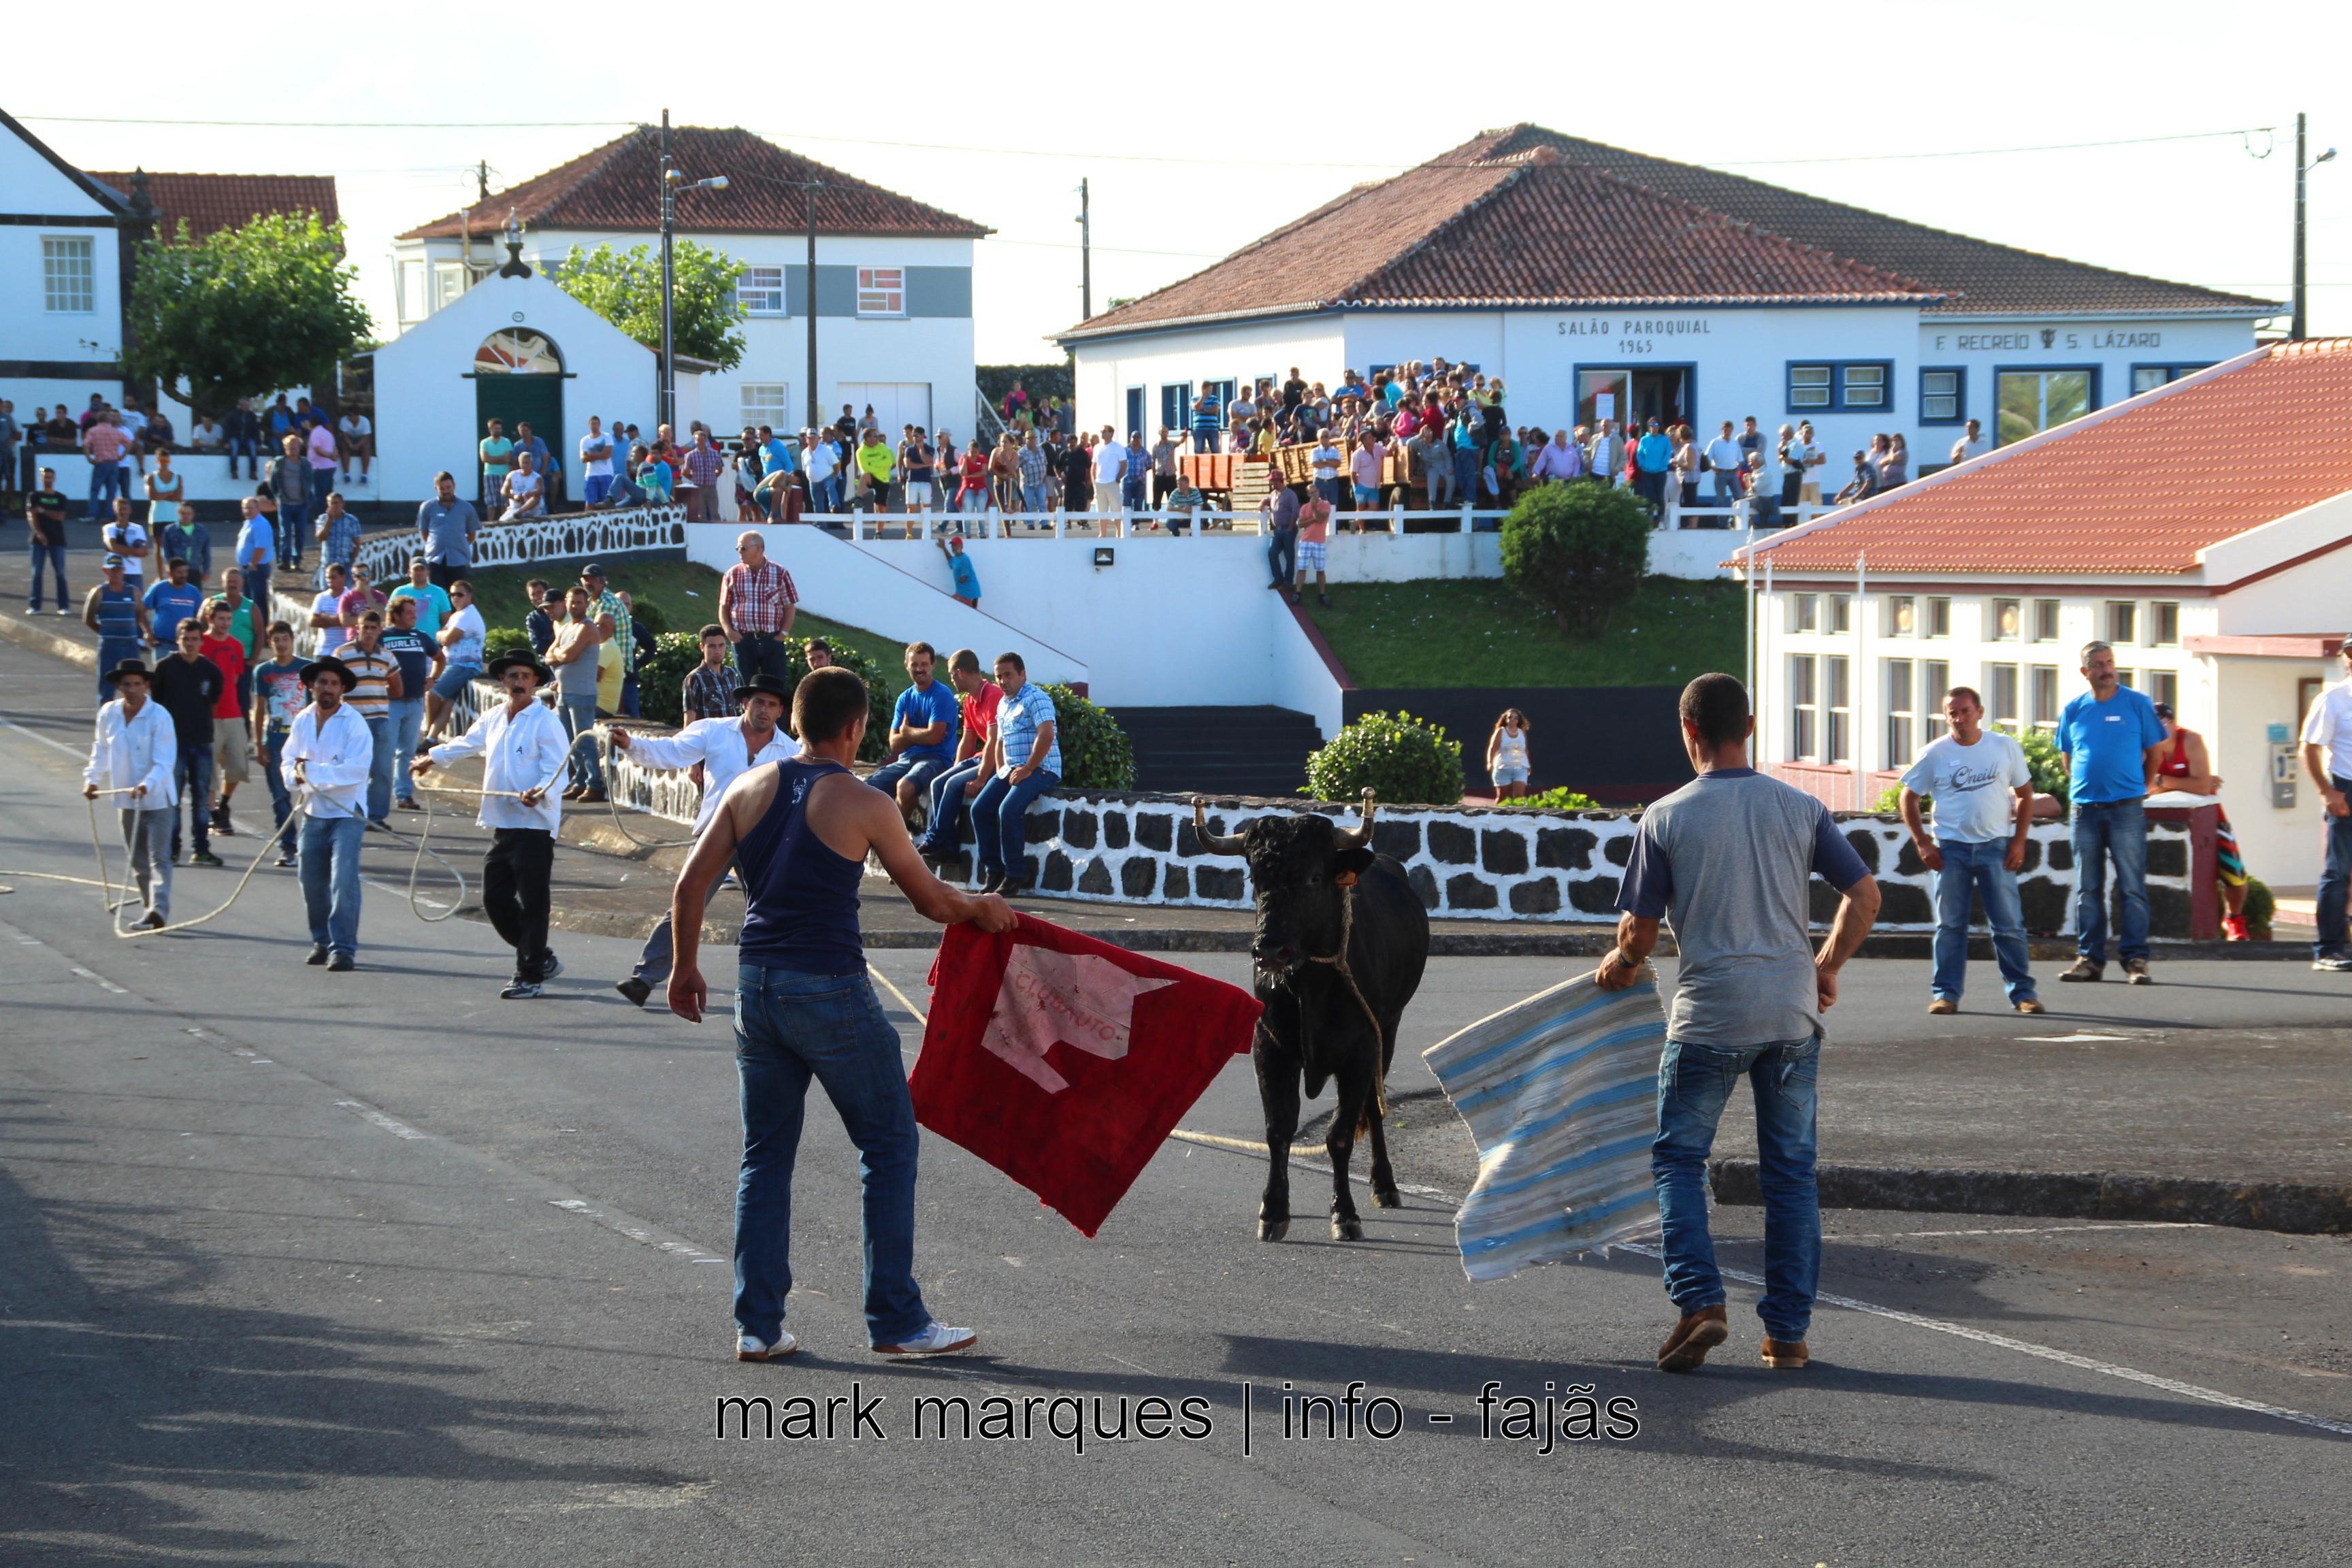 TOURADA À CORDA – NORTE PEQUENO – ILHA DE SÃO JORGE. (reportagem fotográfica)